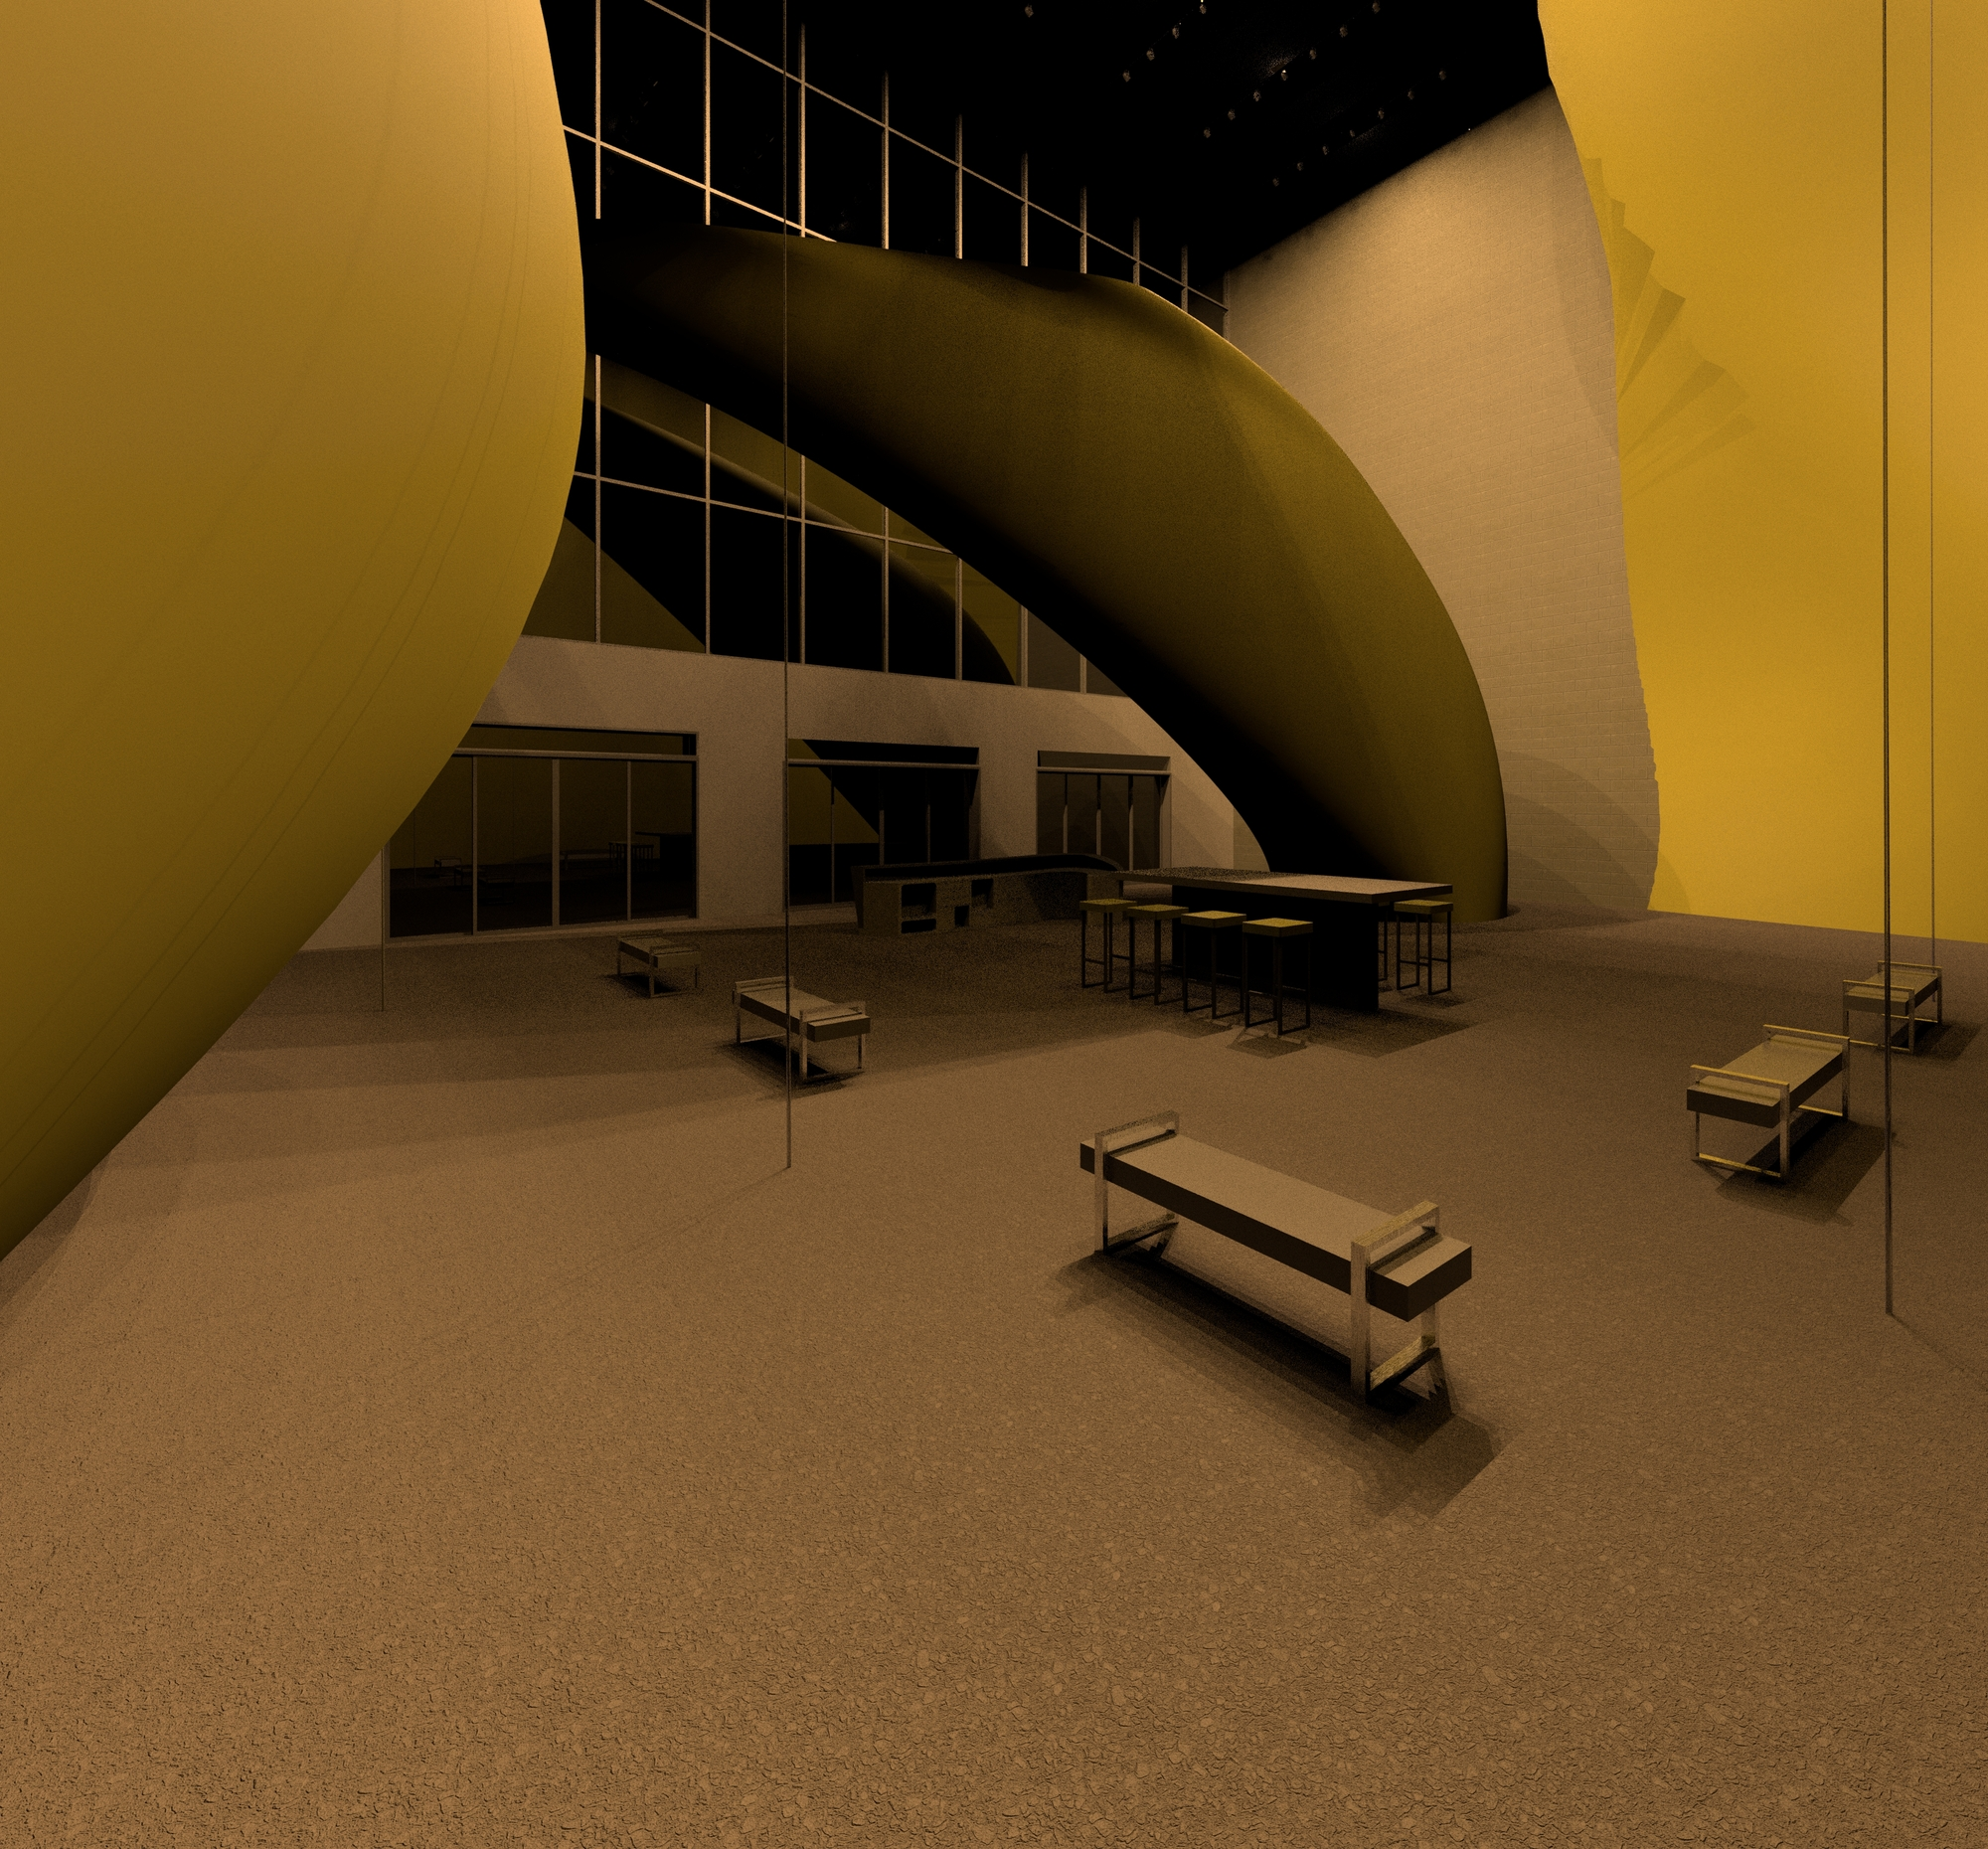 Raas-rendering20150407-8188-84vj15